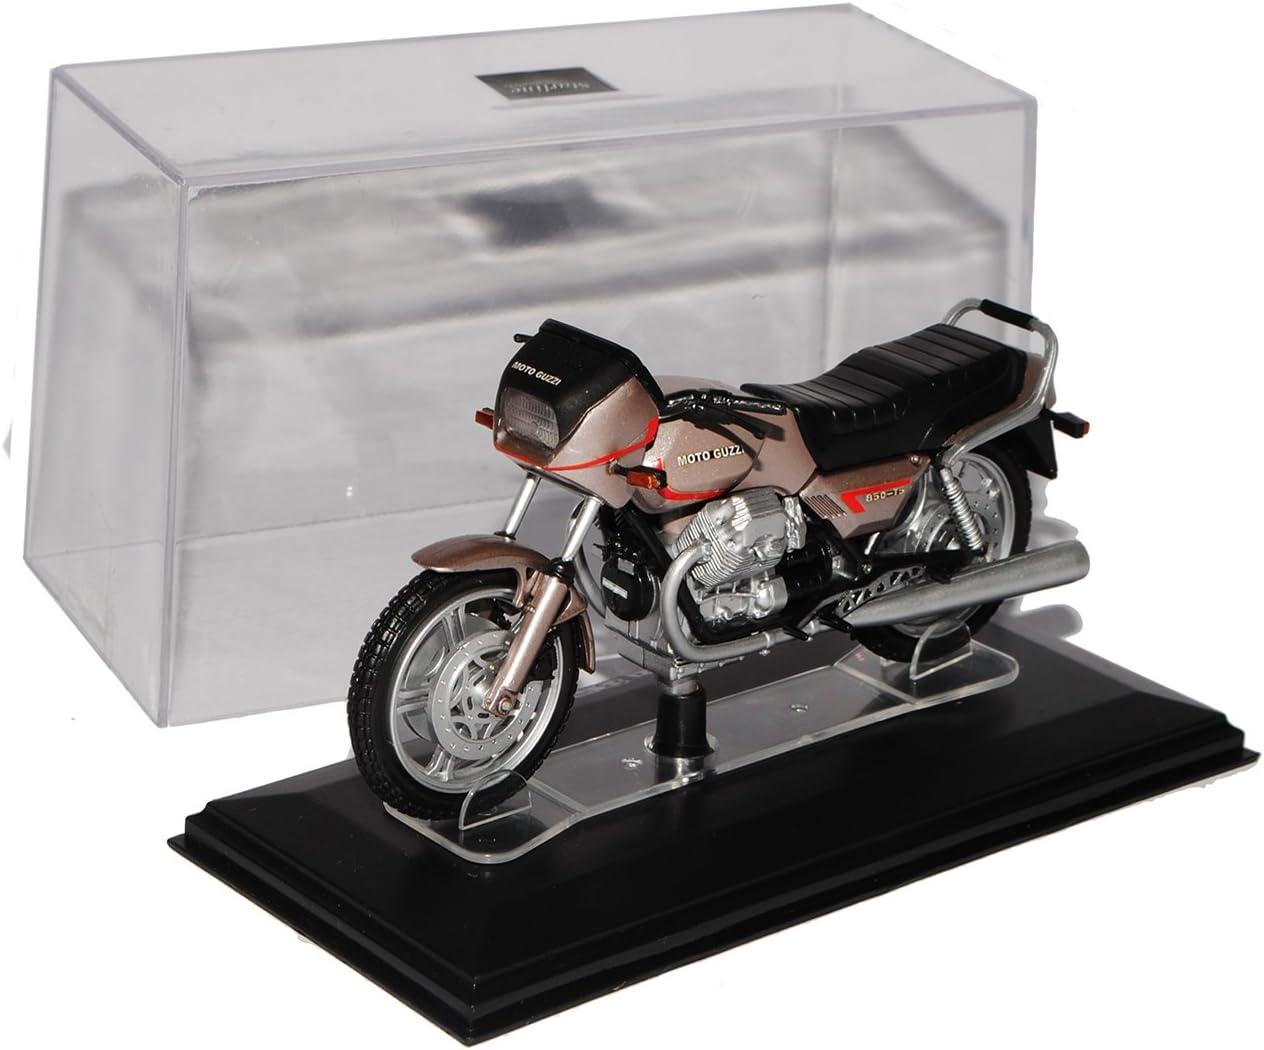 Starline Moto Guzzi 850 T5 Silber Grau mit Sockel und Vitrine 1//24 Modell Motorrad mit individiuellem Wunschkennzeichen